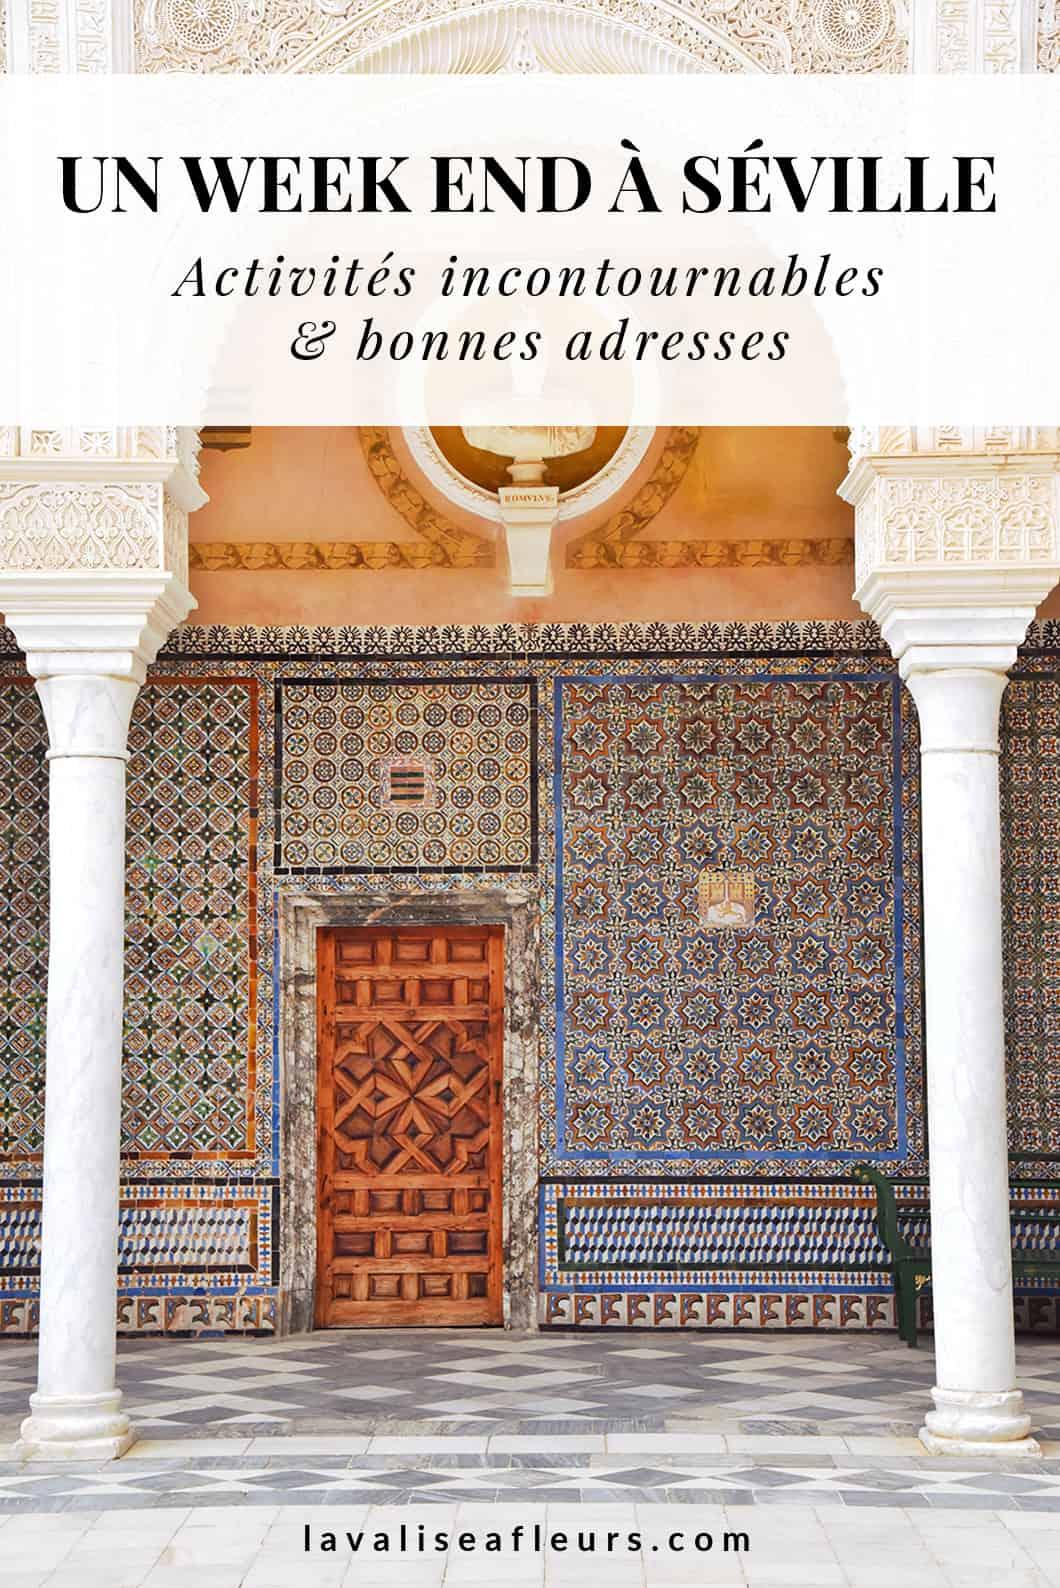 Un week end à Séville, activités incontournables et bonnes adresses